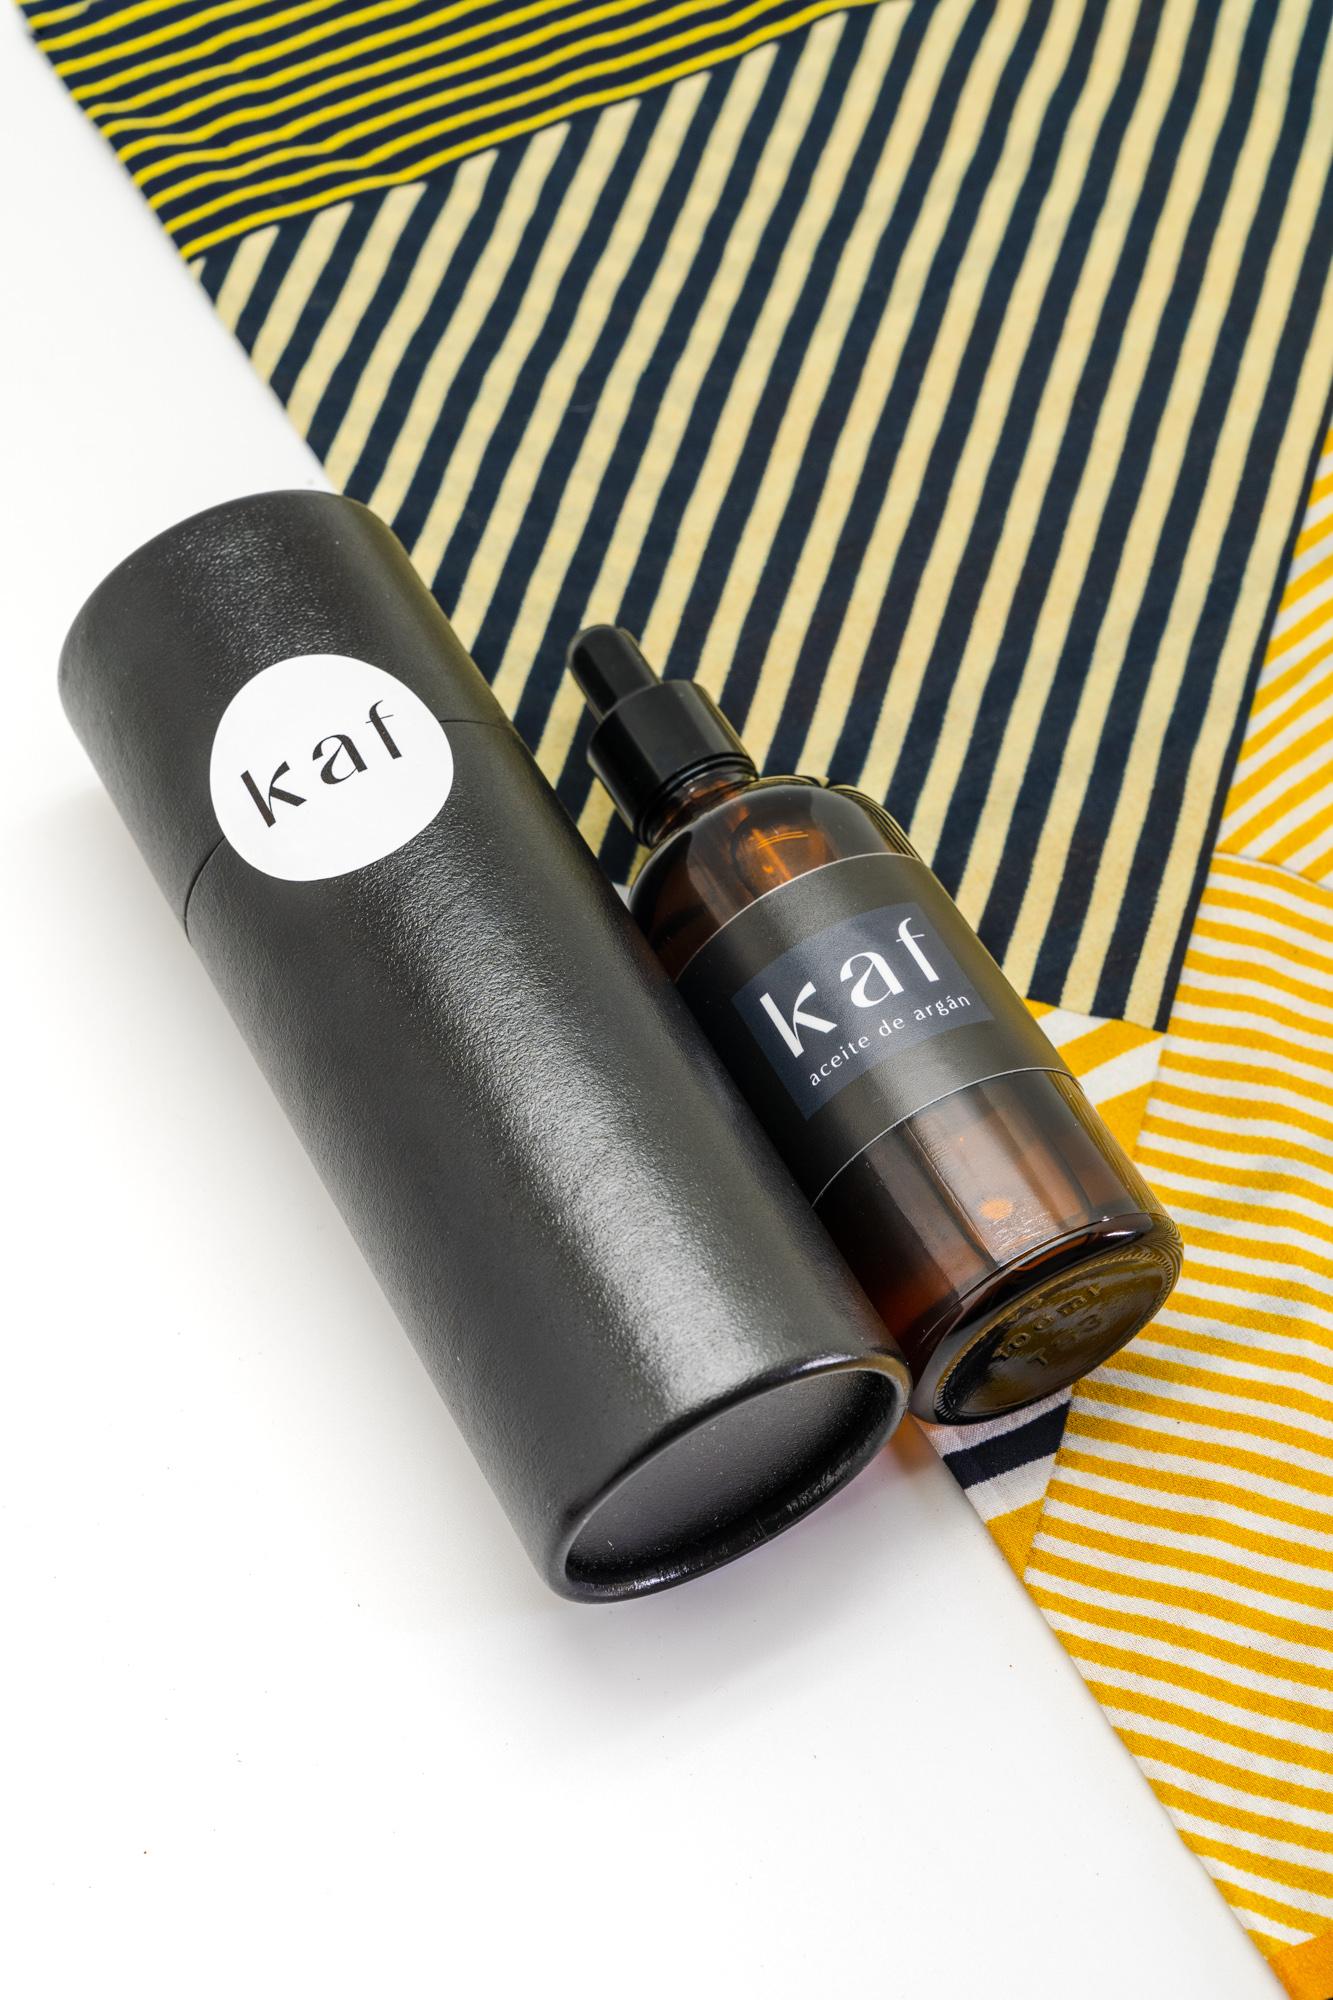 kaf cosméticos aceite de argán